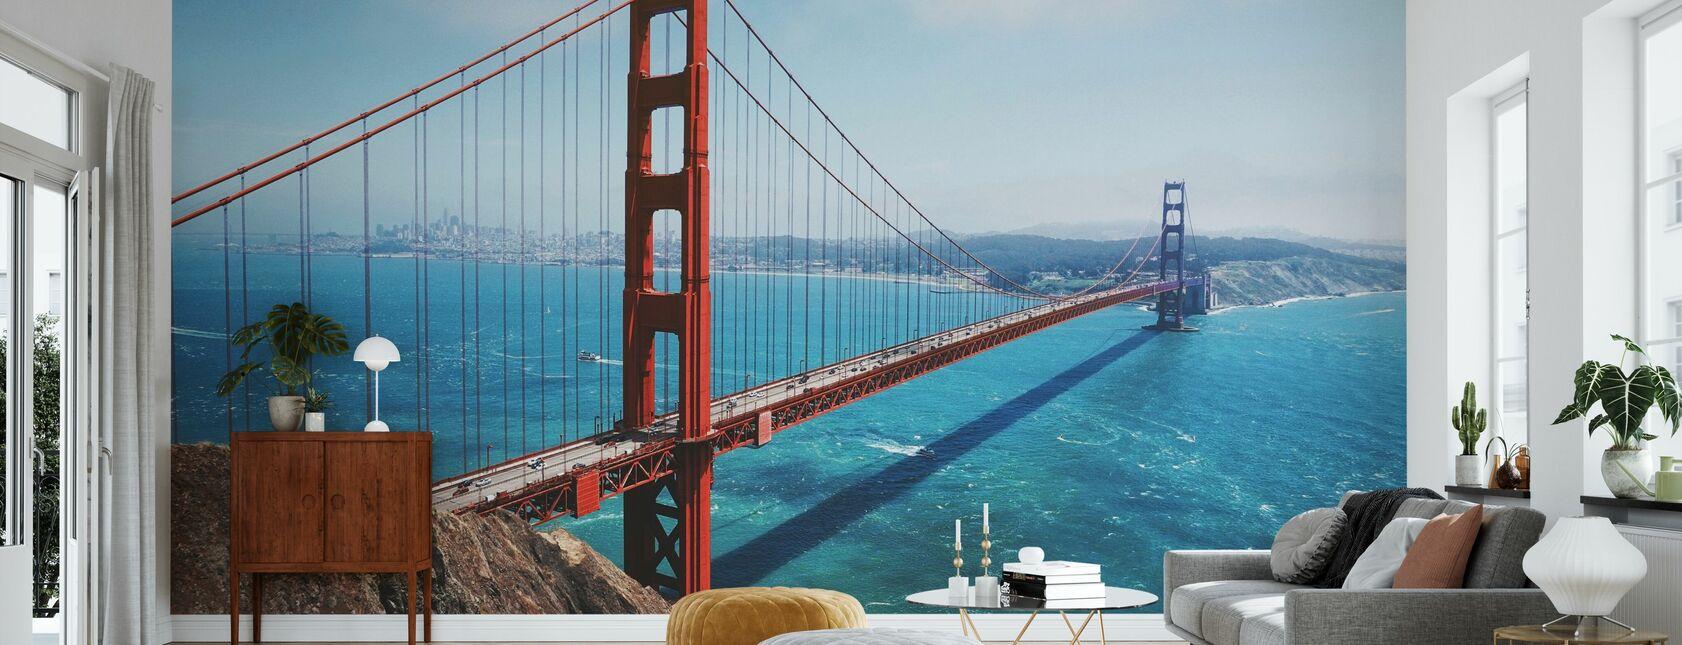 Golden Gate Bridge - Tapete - Wohnzimmer